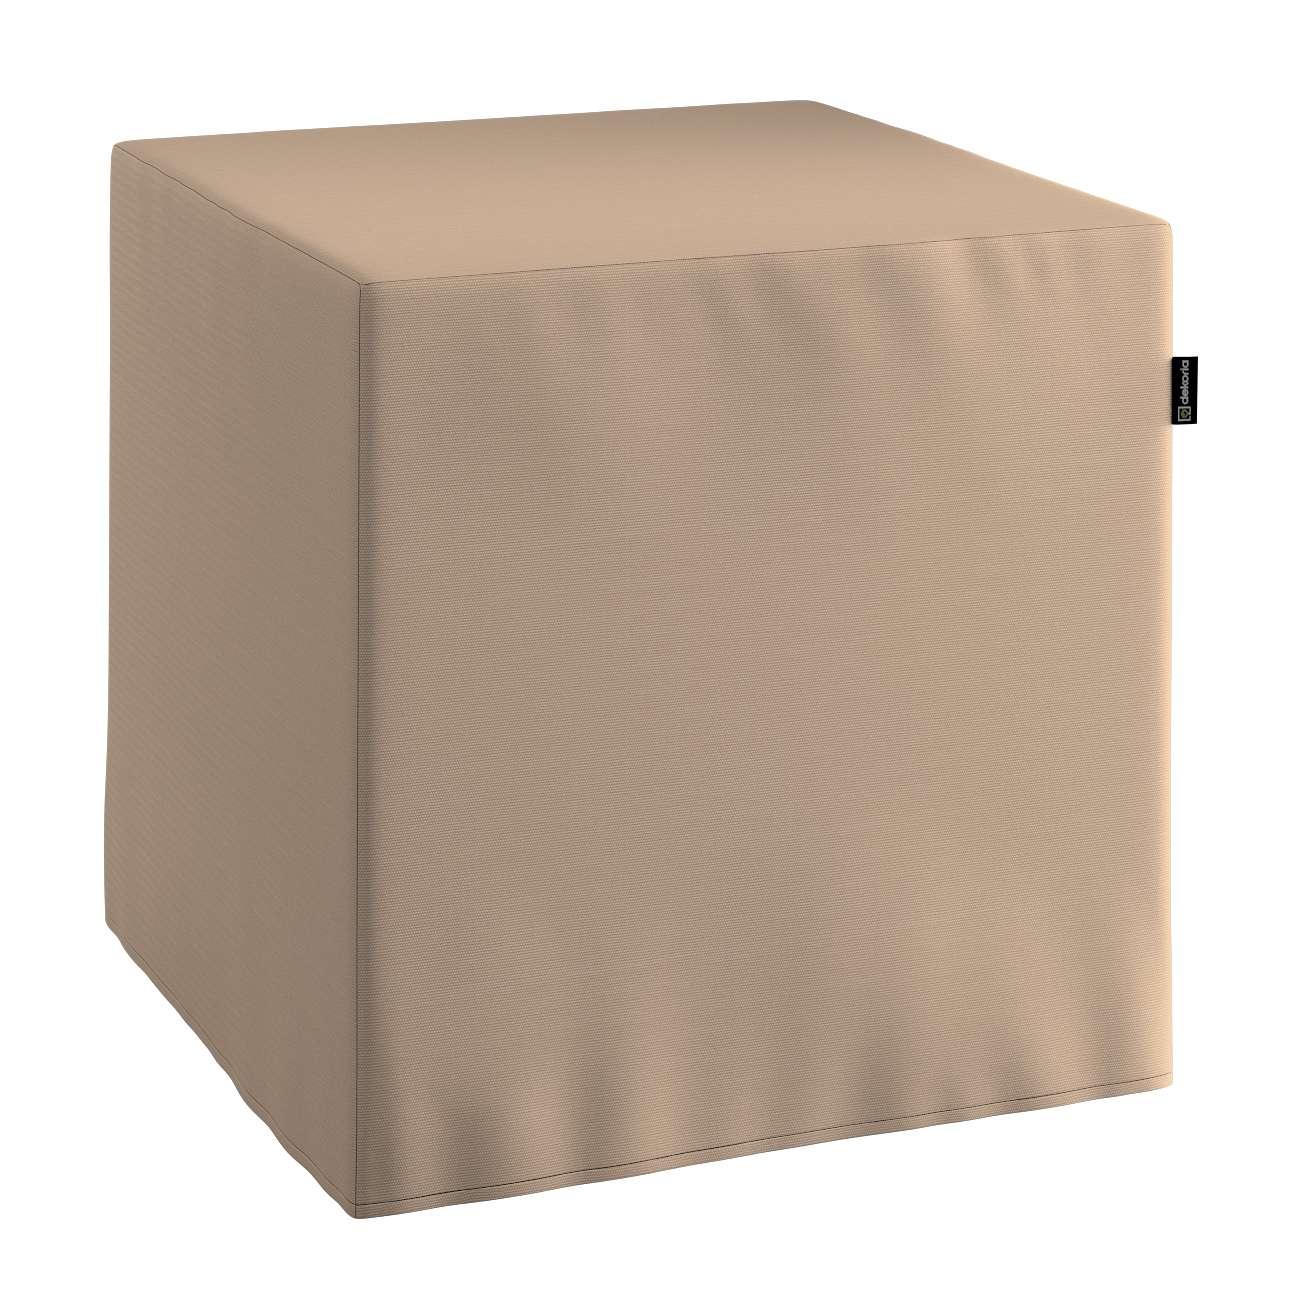 Sedák Cube - kostka pevná 40x40x40 v kolekci Cotton Panama, látka: 702-28